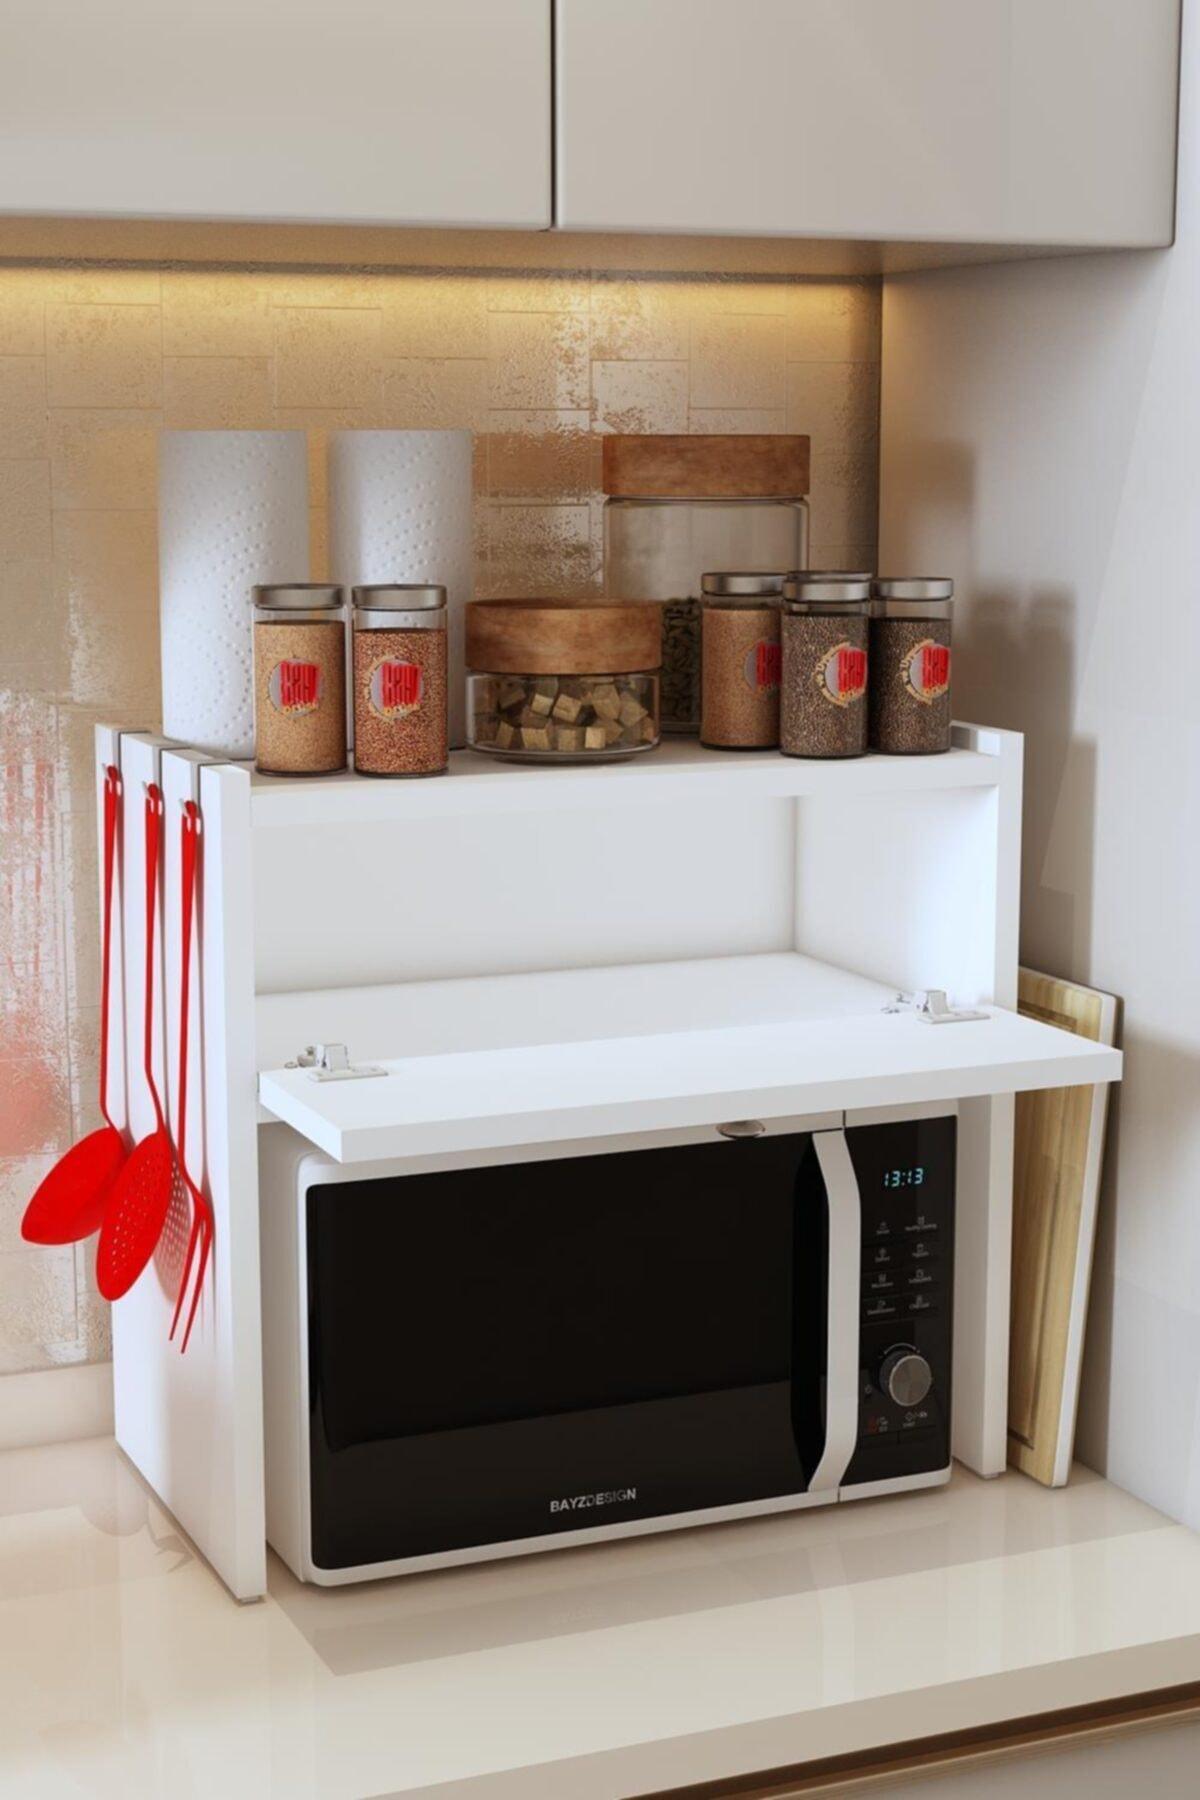 Bayz Tasarım Kapaklı Ekmek Dolabı Mikrodalga Fırın Raf Tezgah Üstü  Kahverengi Kapak